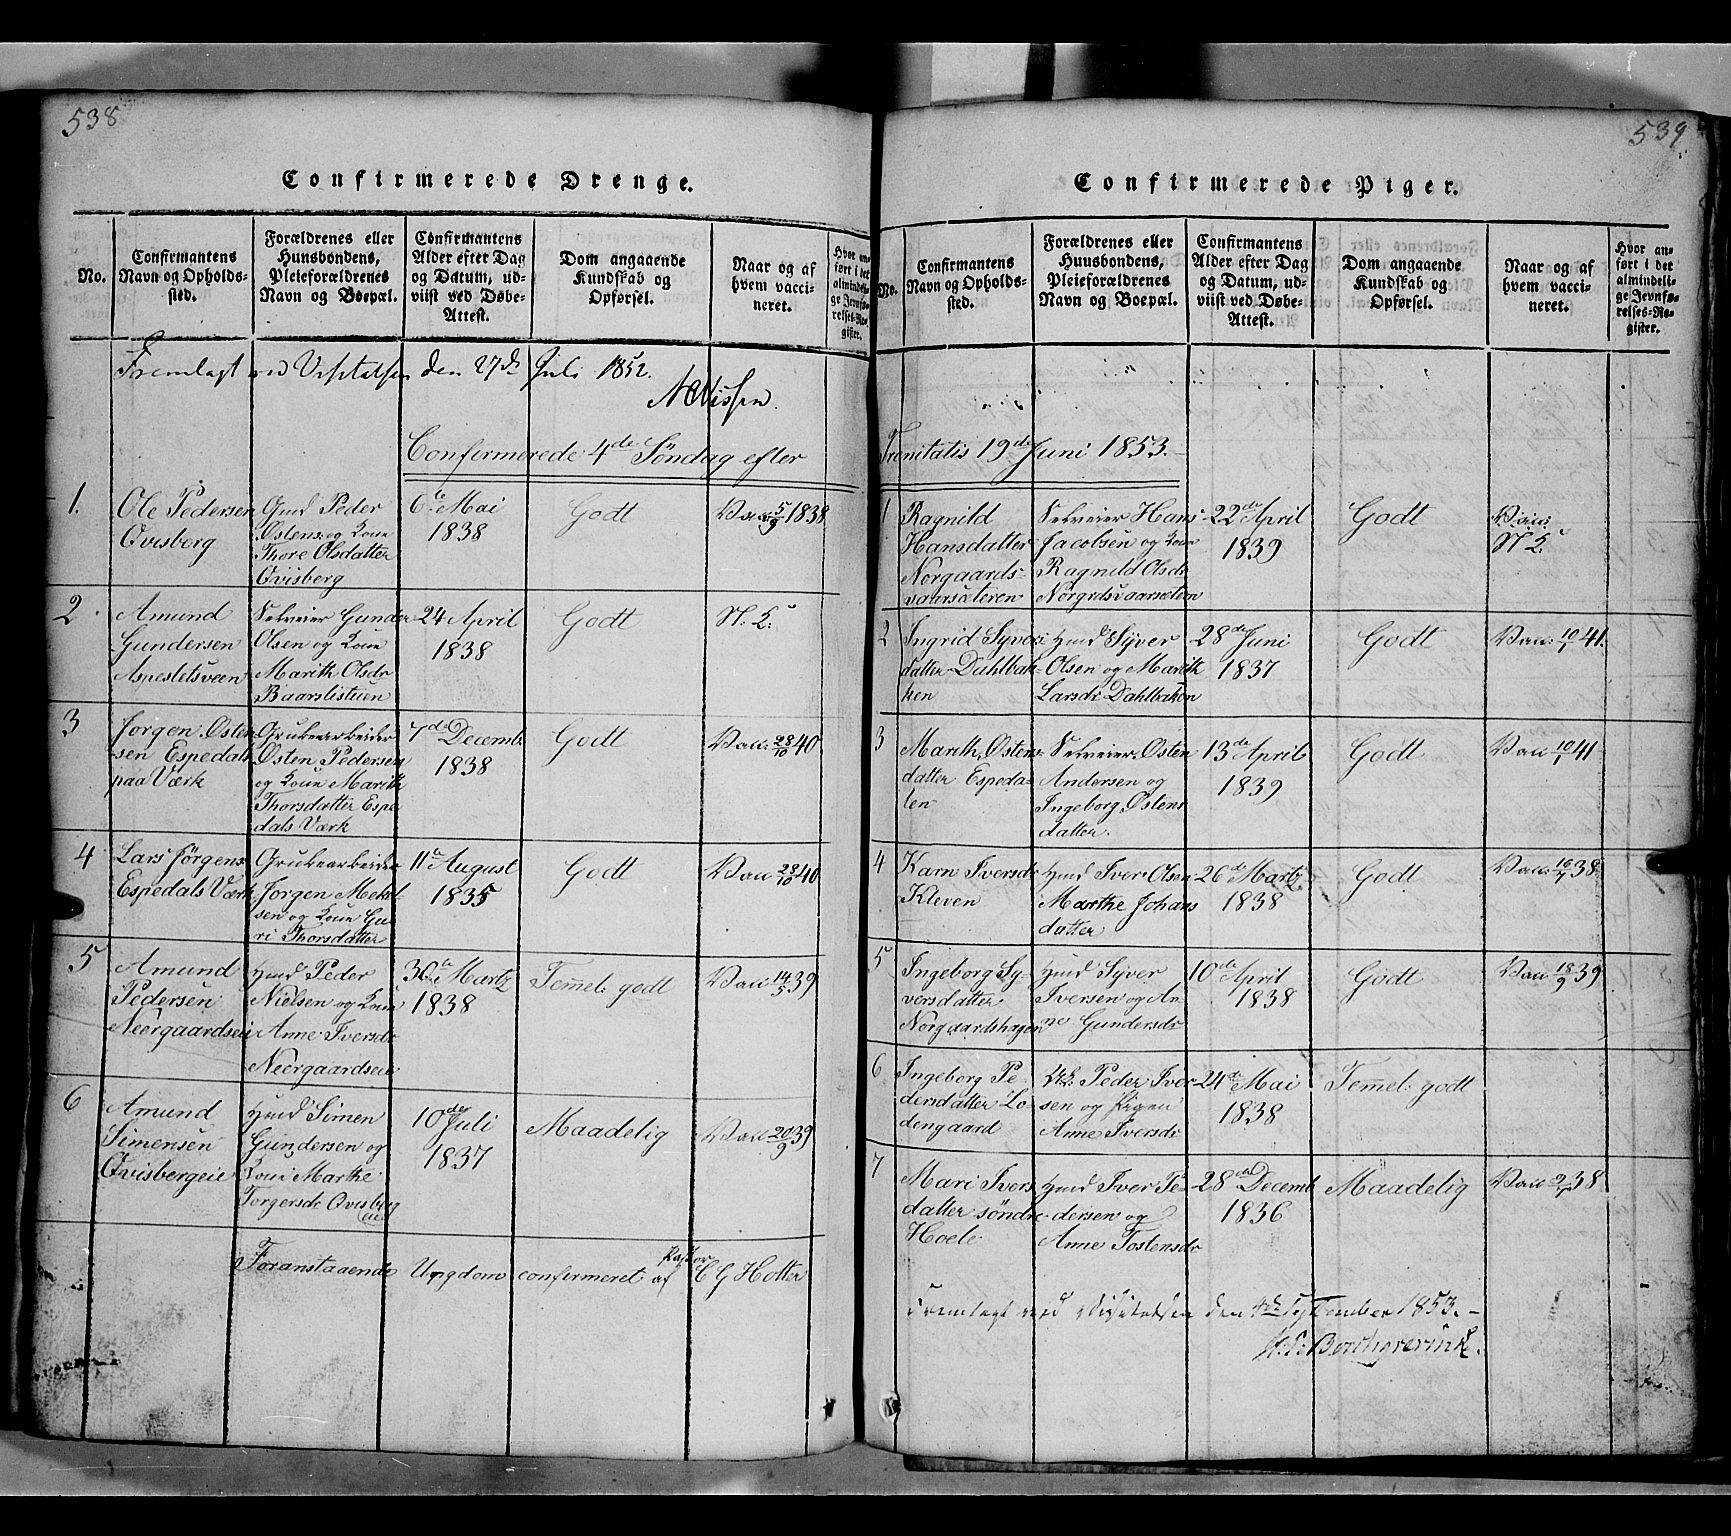 SAH, Gausdal prestekontor, Klokkerbok nr. 2, 1818-1874, s. 538-539